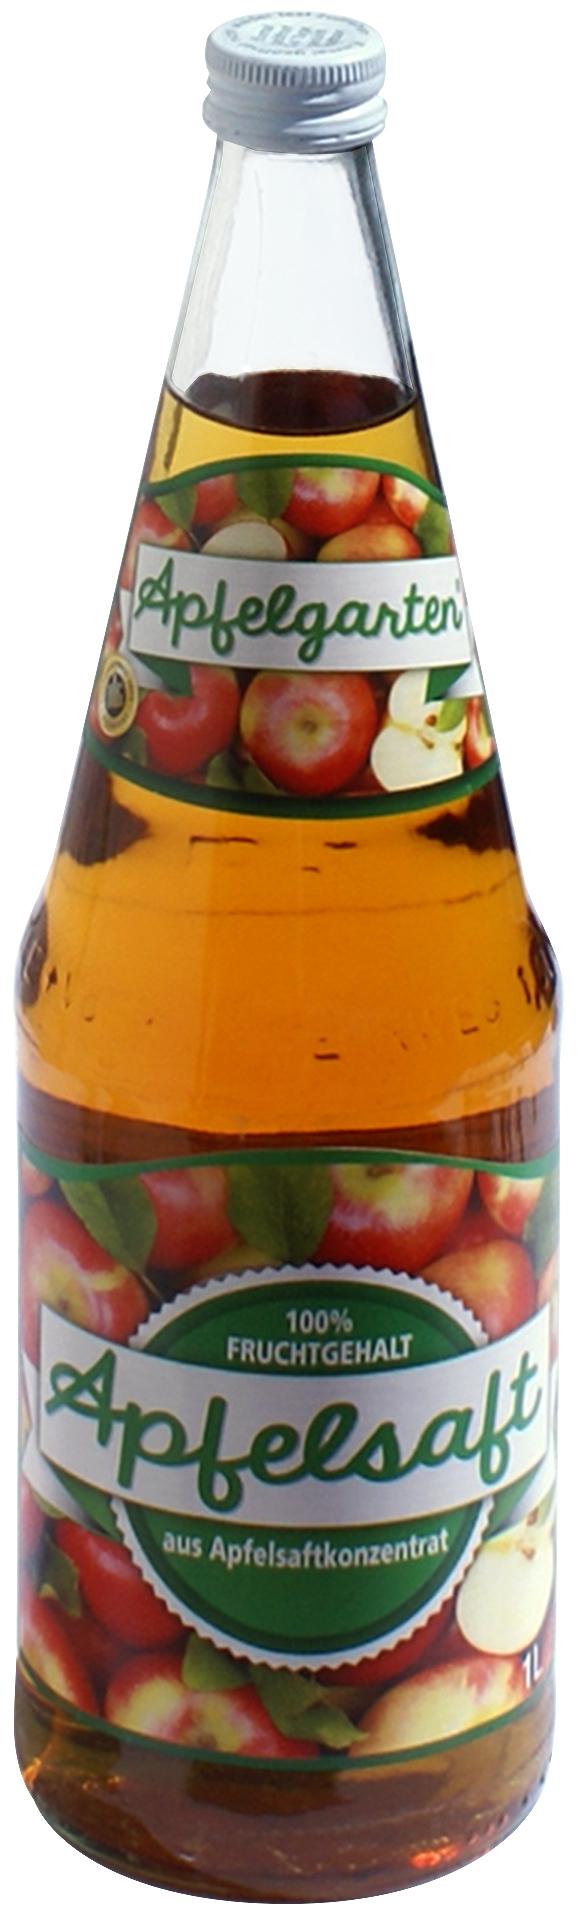 Apfelsaft Apfelgarten